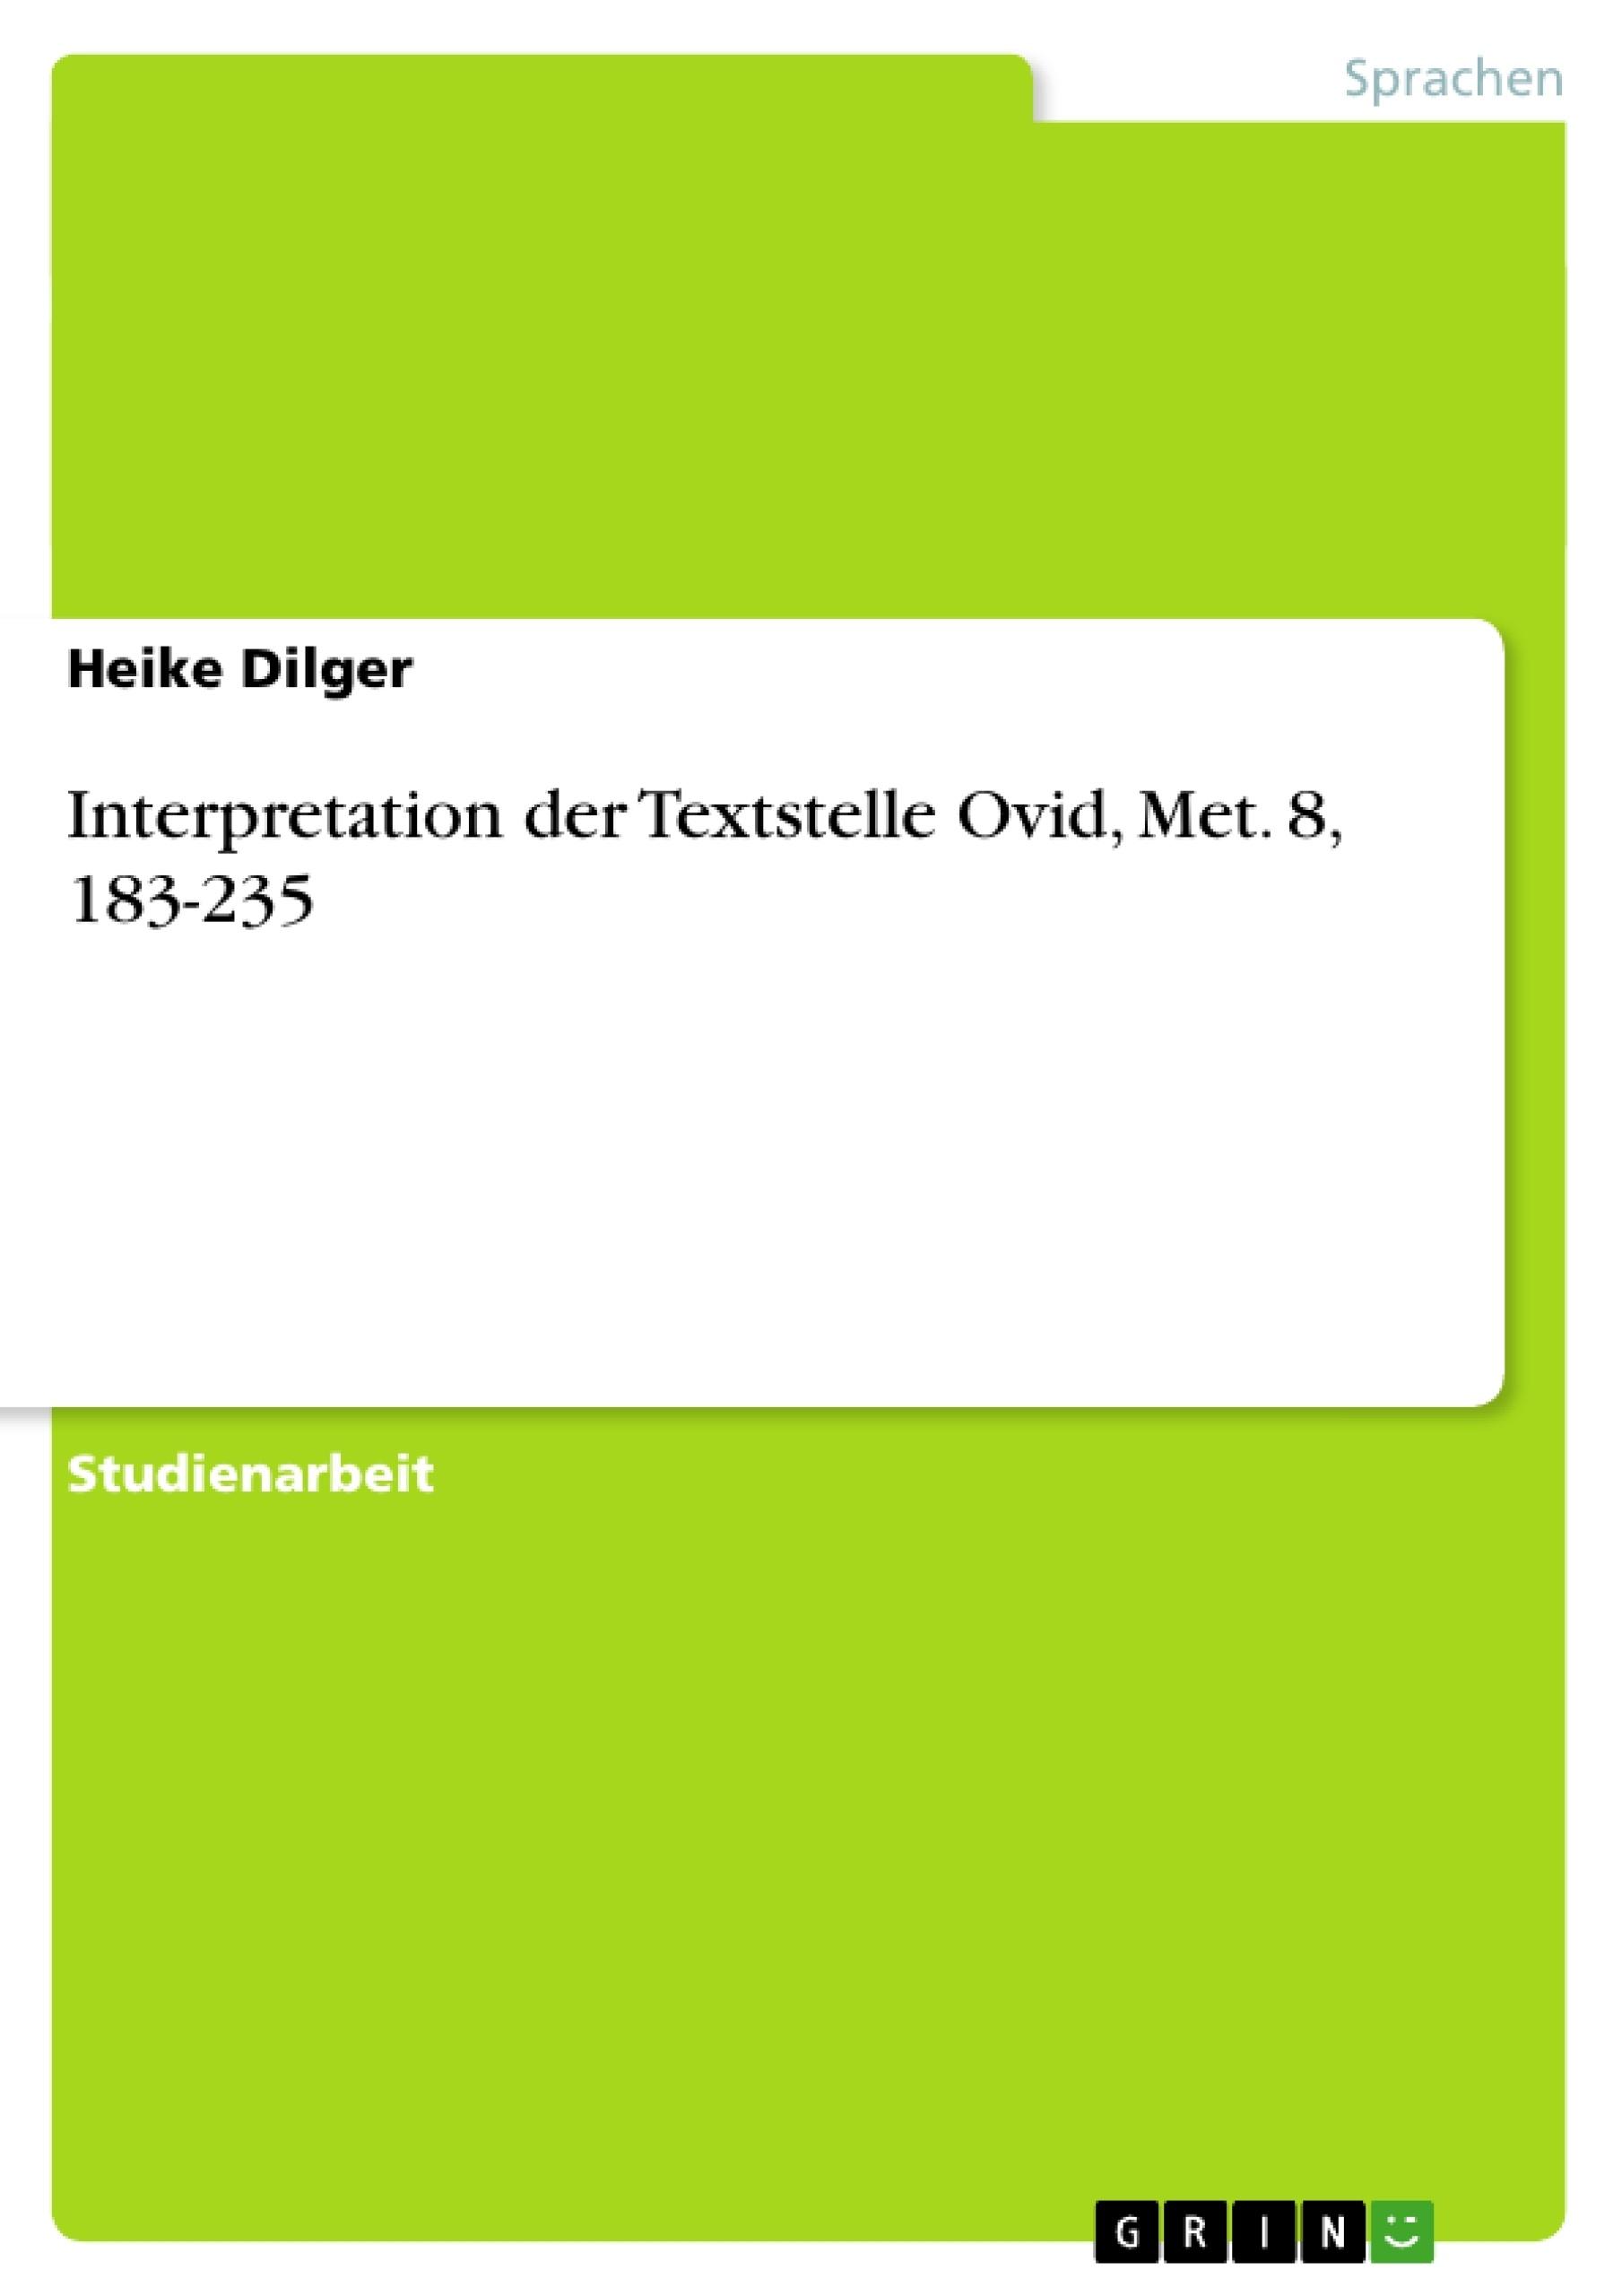 Titel: Interpretation der Textstelle Ovid, Met. 8, 183-235